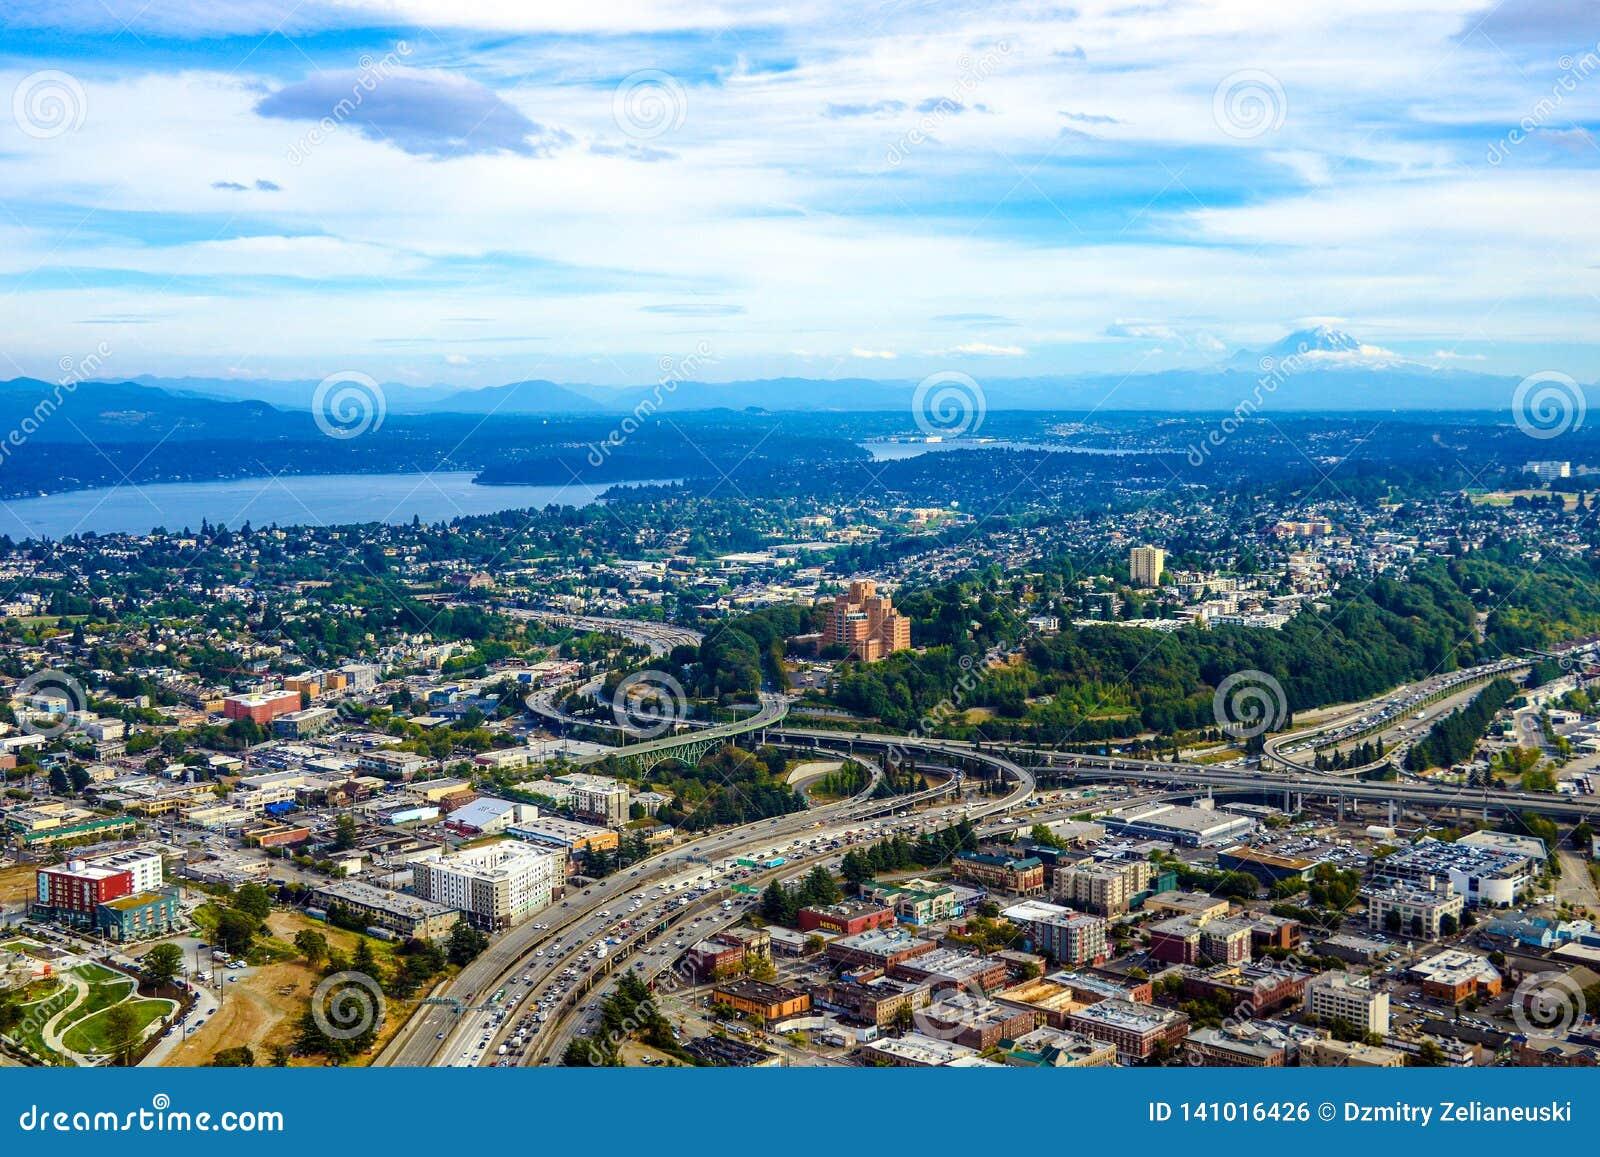 Seattle, USA, am 31. August 2018: Ansicht von im Stadtzentrum gelegenem Seattle